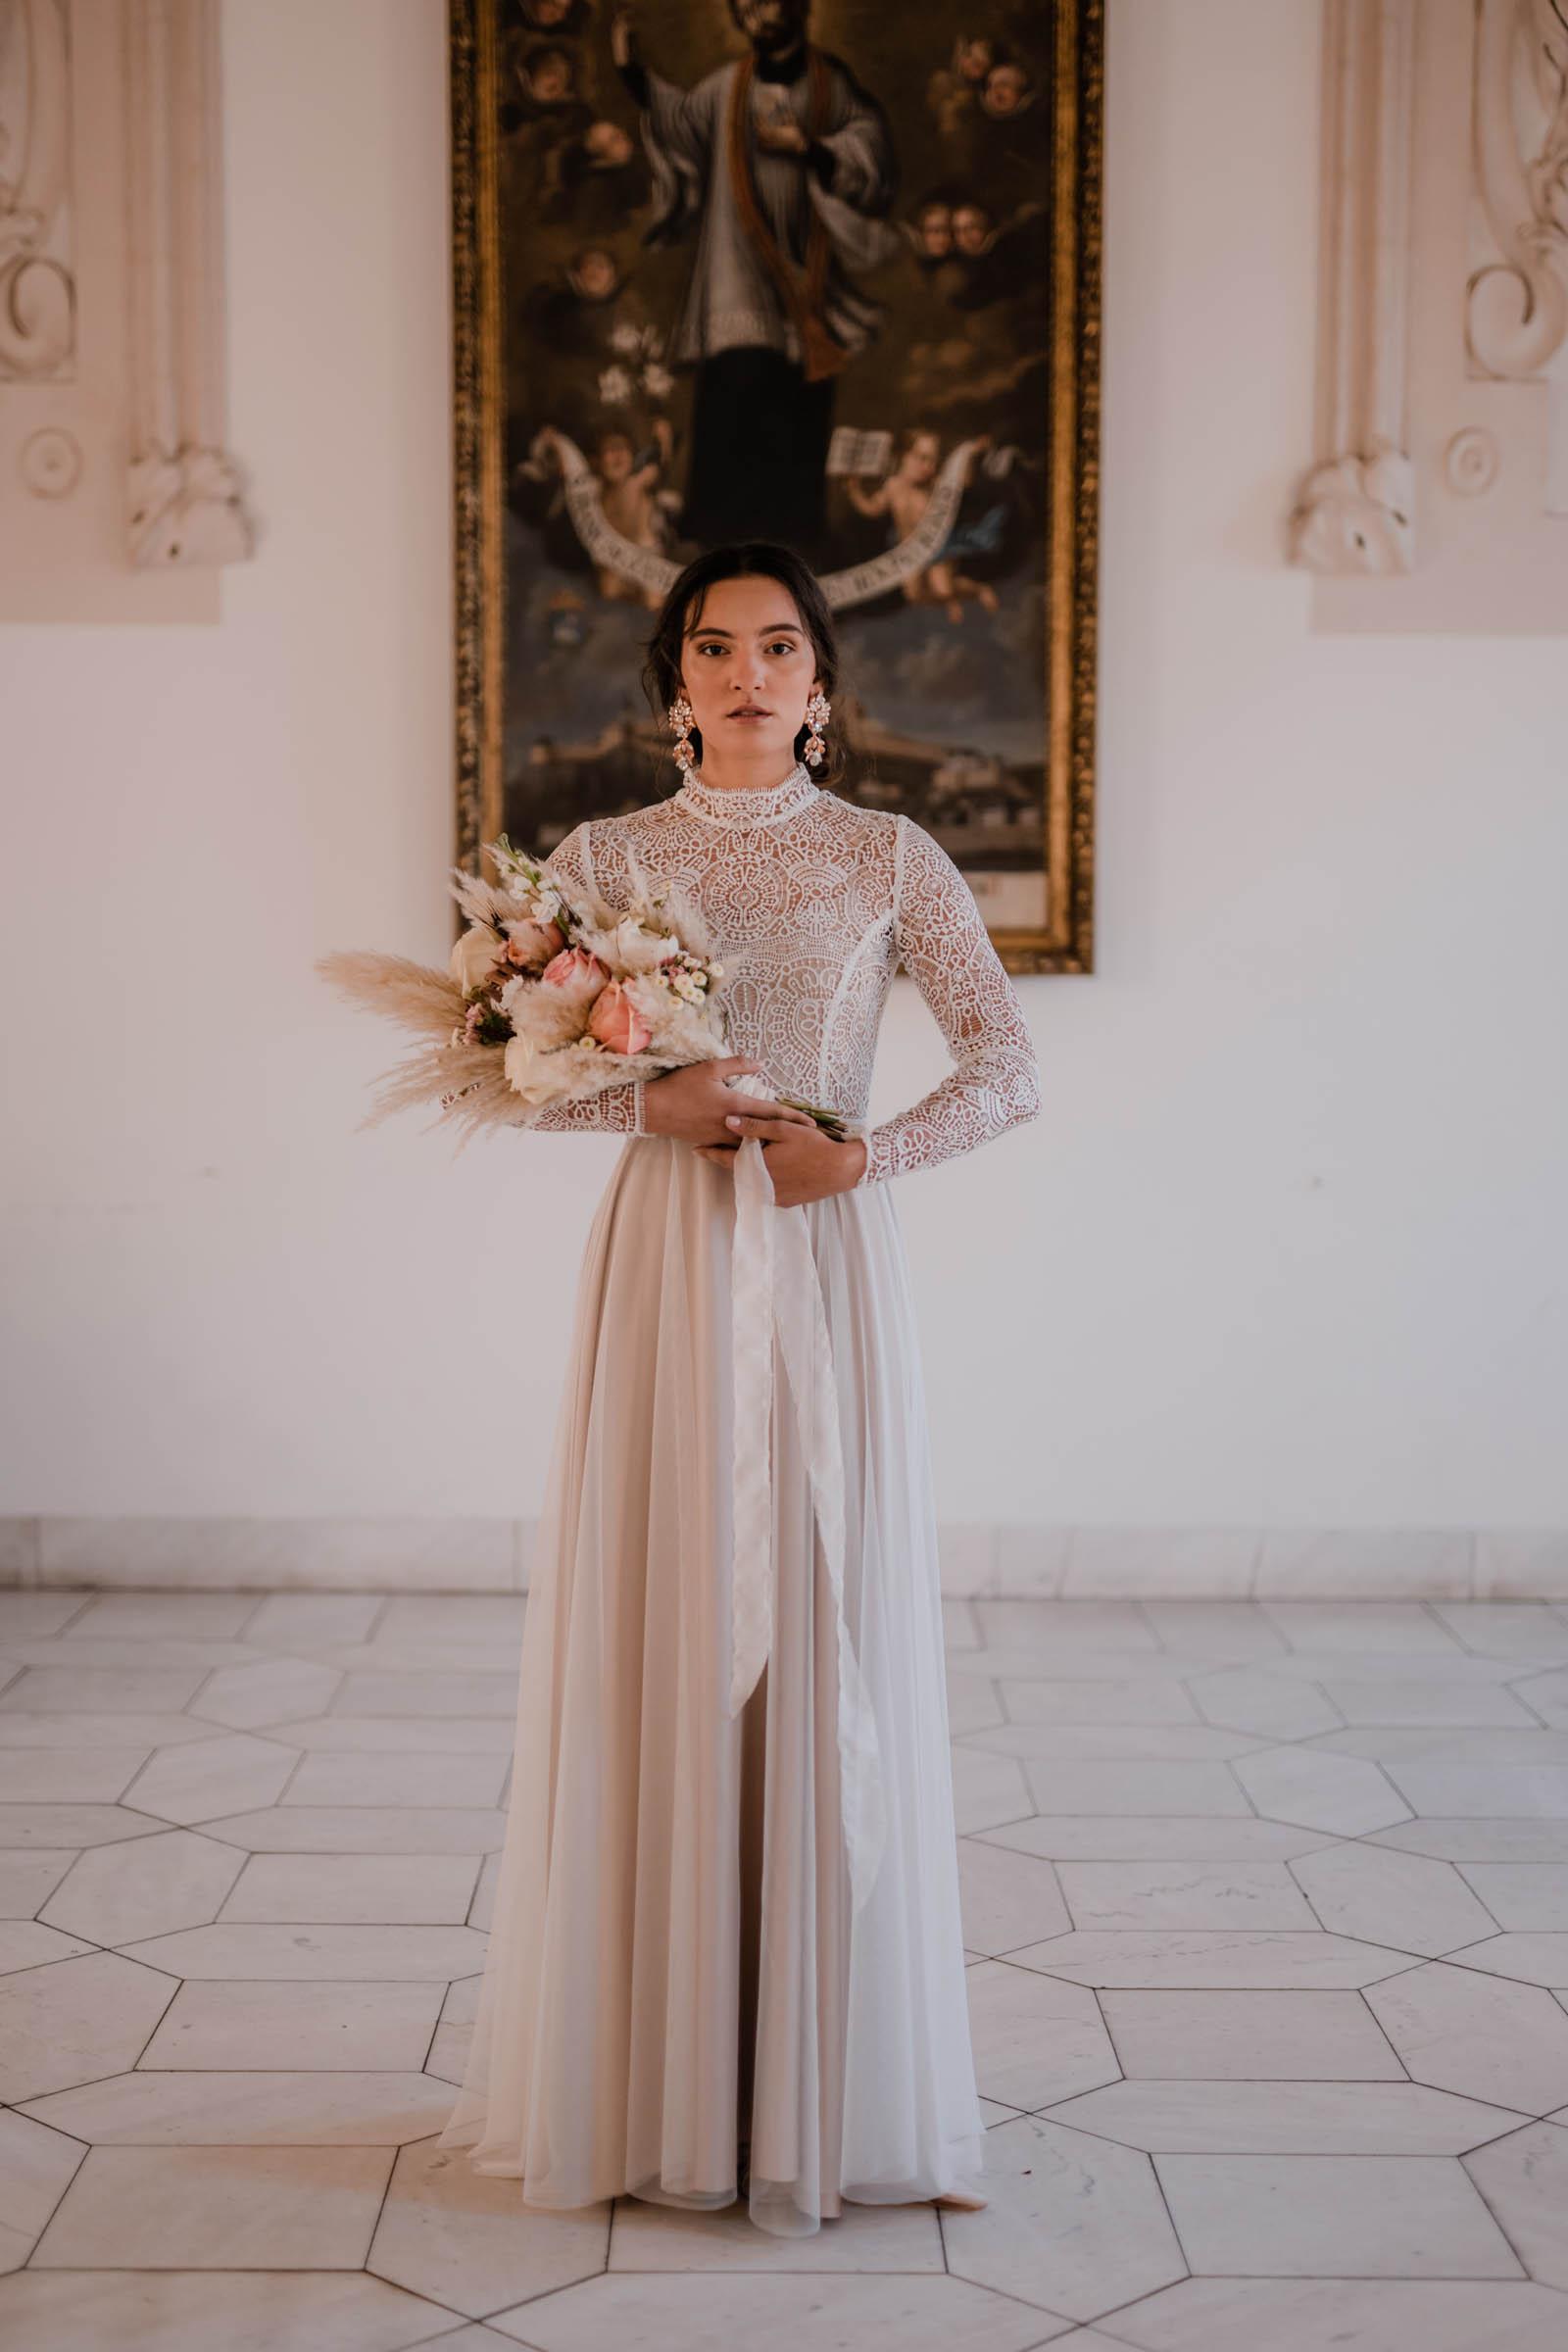 boho-svadobne-saty-veronika-kostkova-wedding-atelier-2019-charo-2